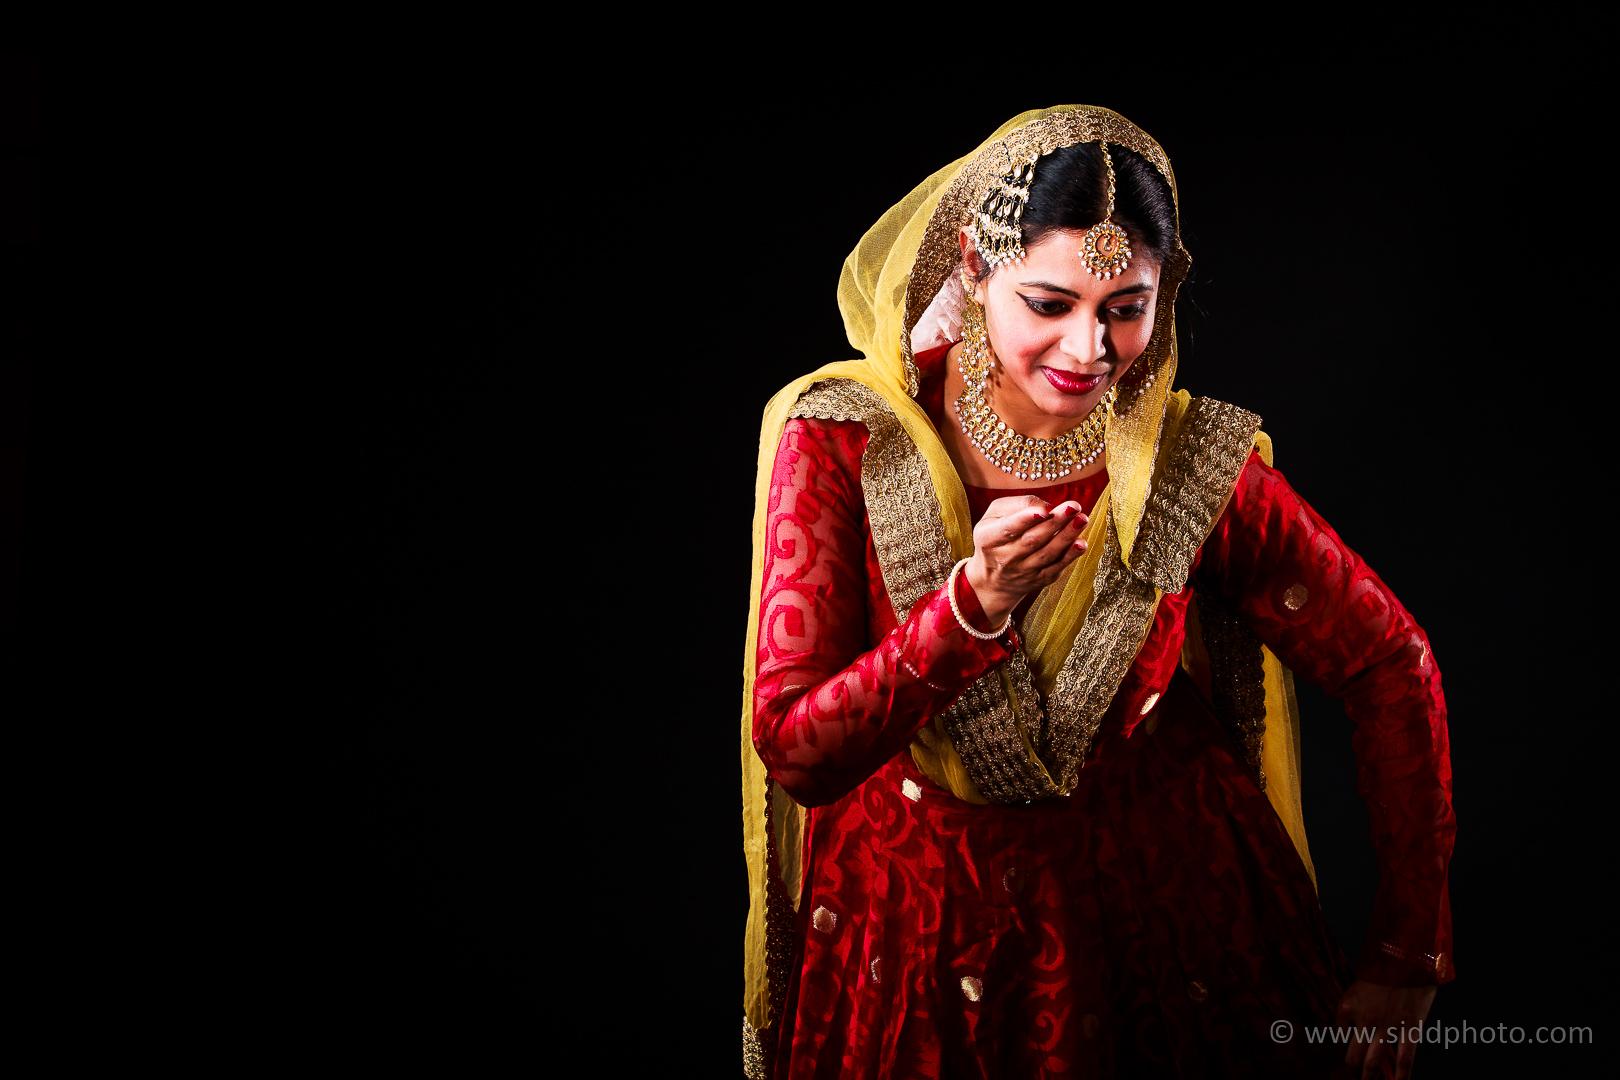 2012-04-21 - Antara Dutta Katthak Photoshoot - EO5C9835-01